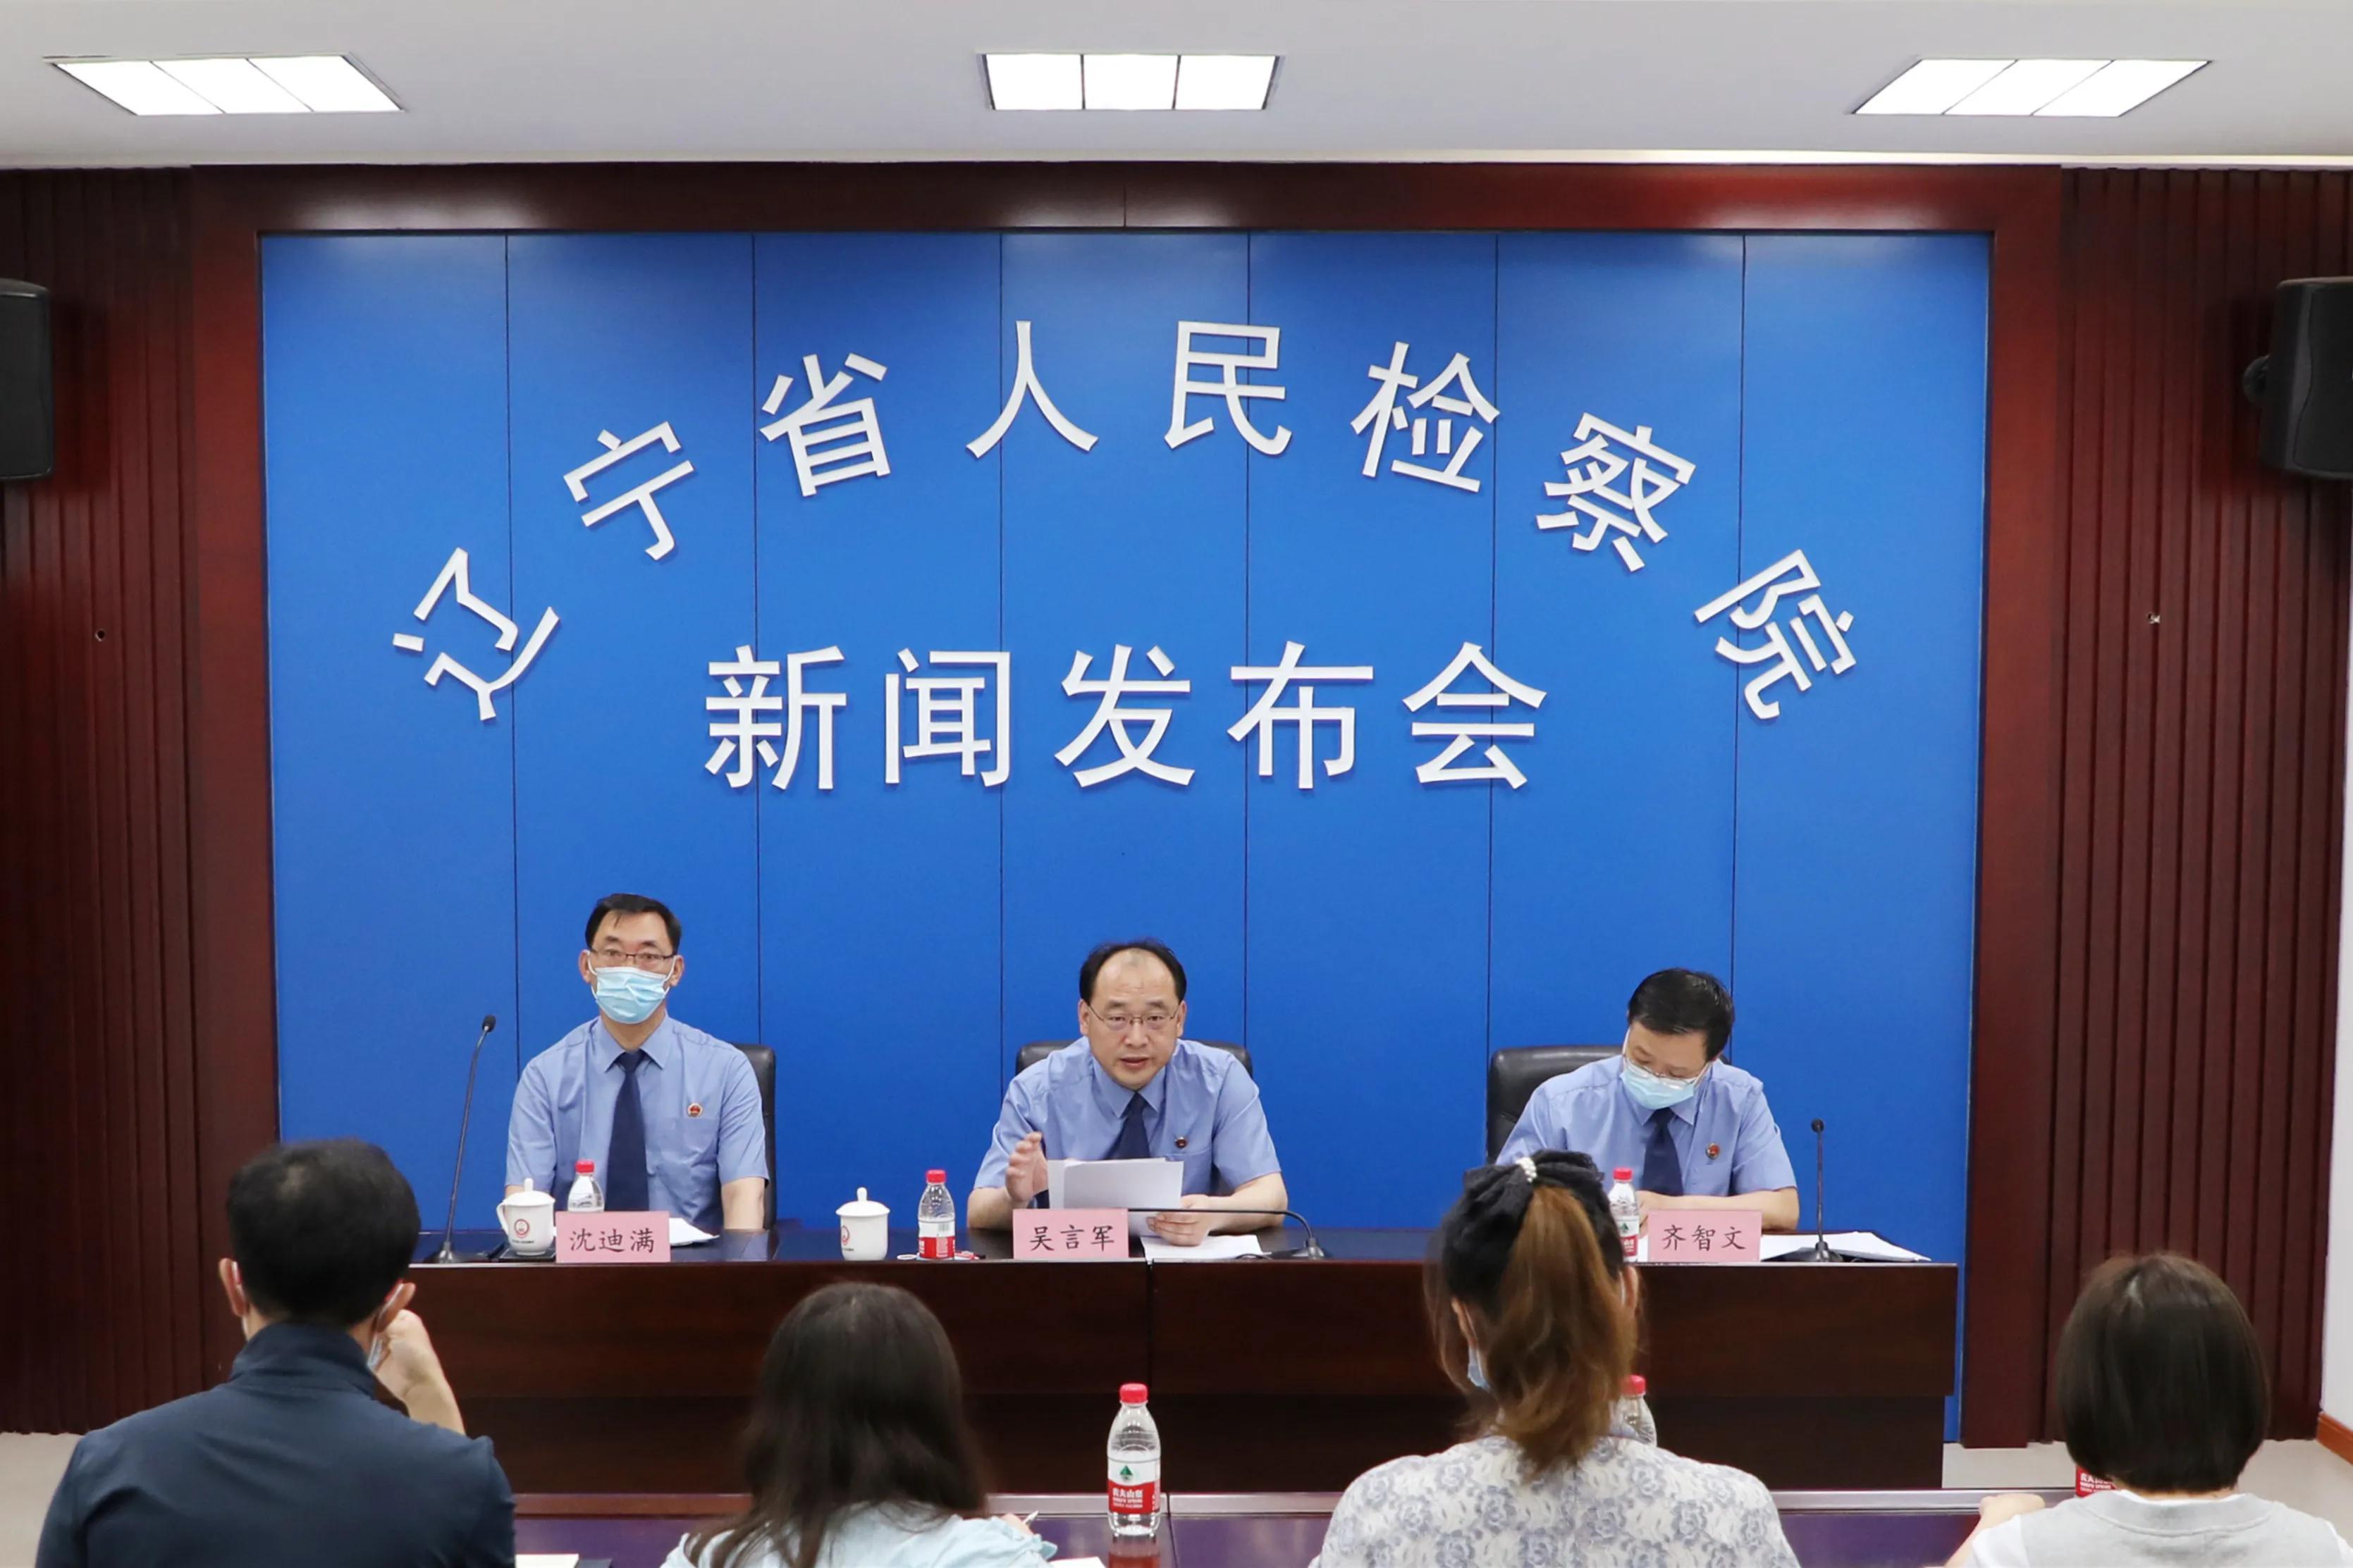 辽宁省检察院召开检察听证工作新闻发布会